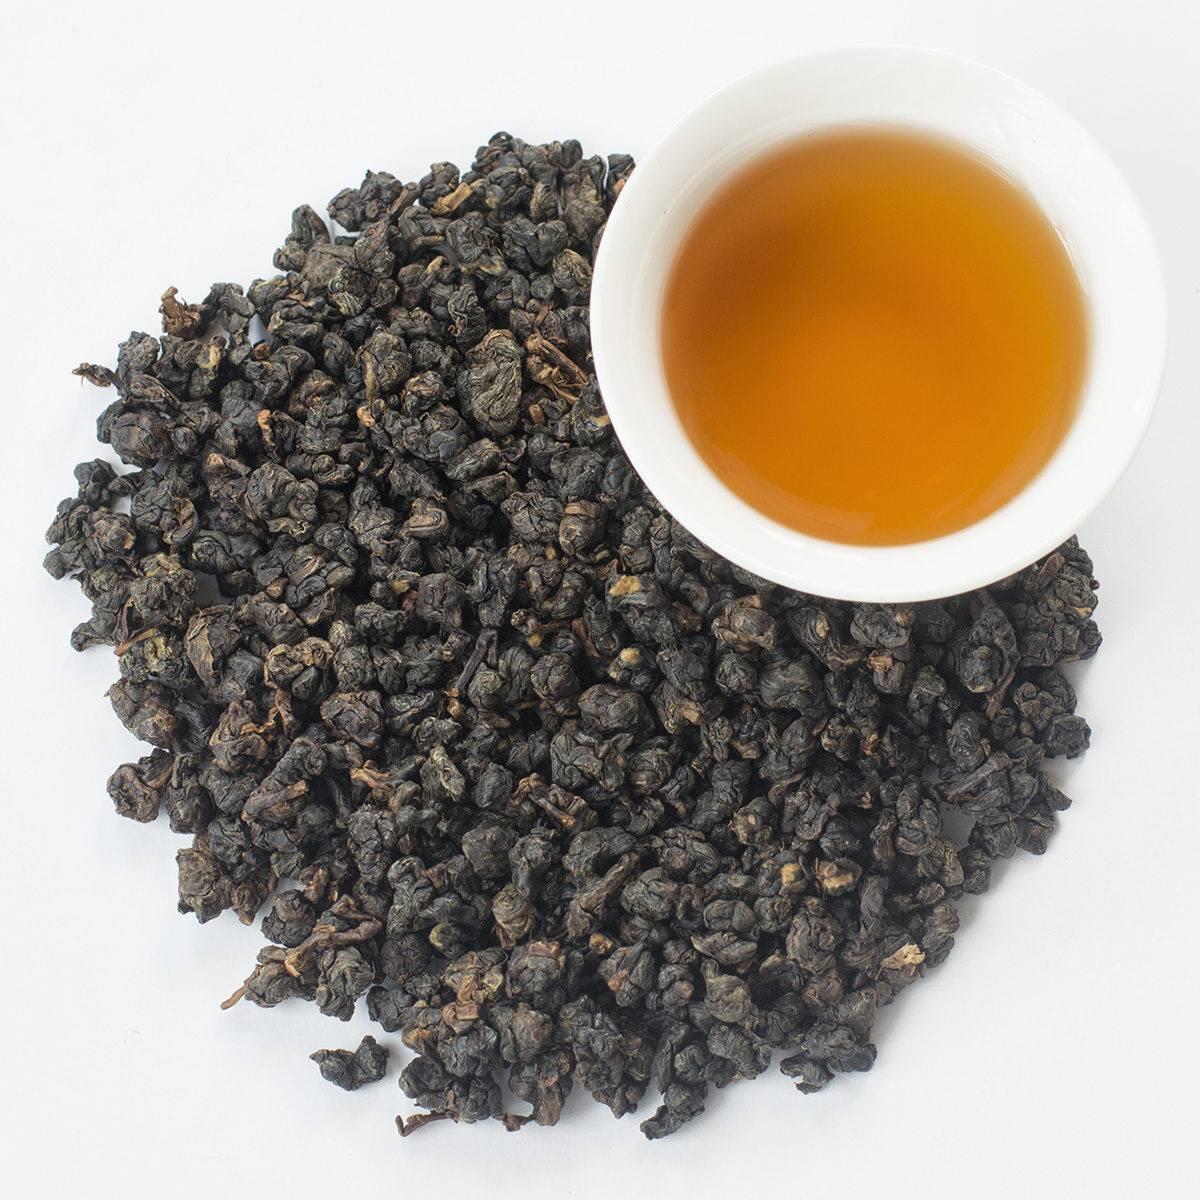 Чай габа — напиток с уникальными свойствами